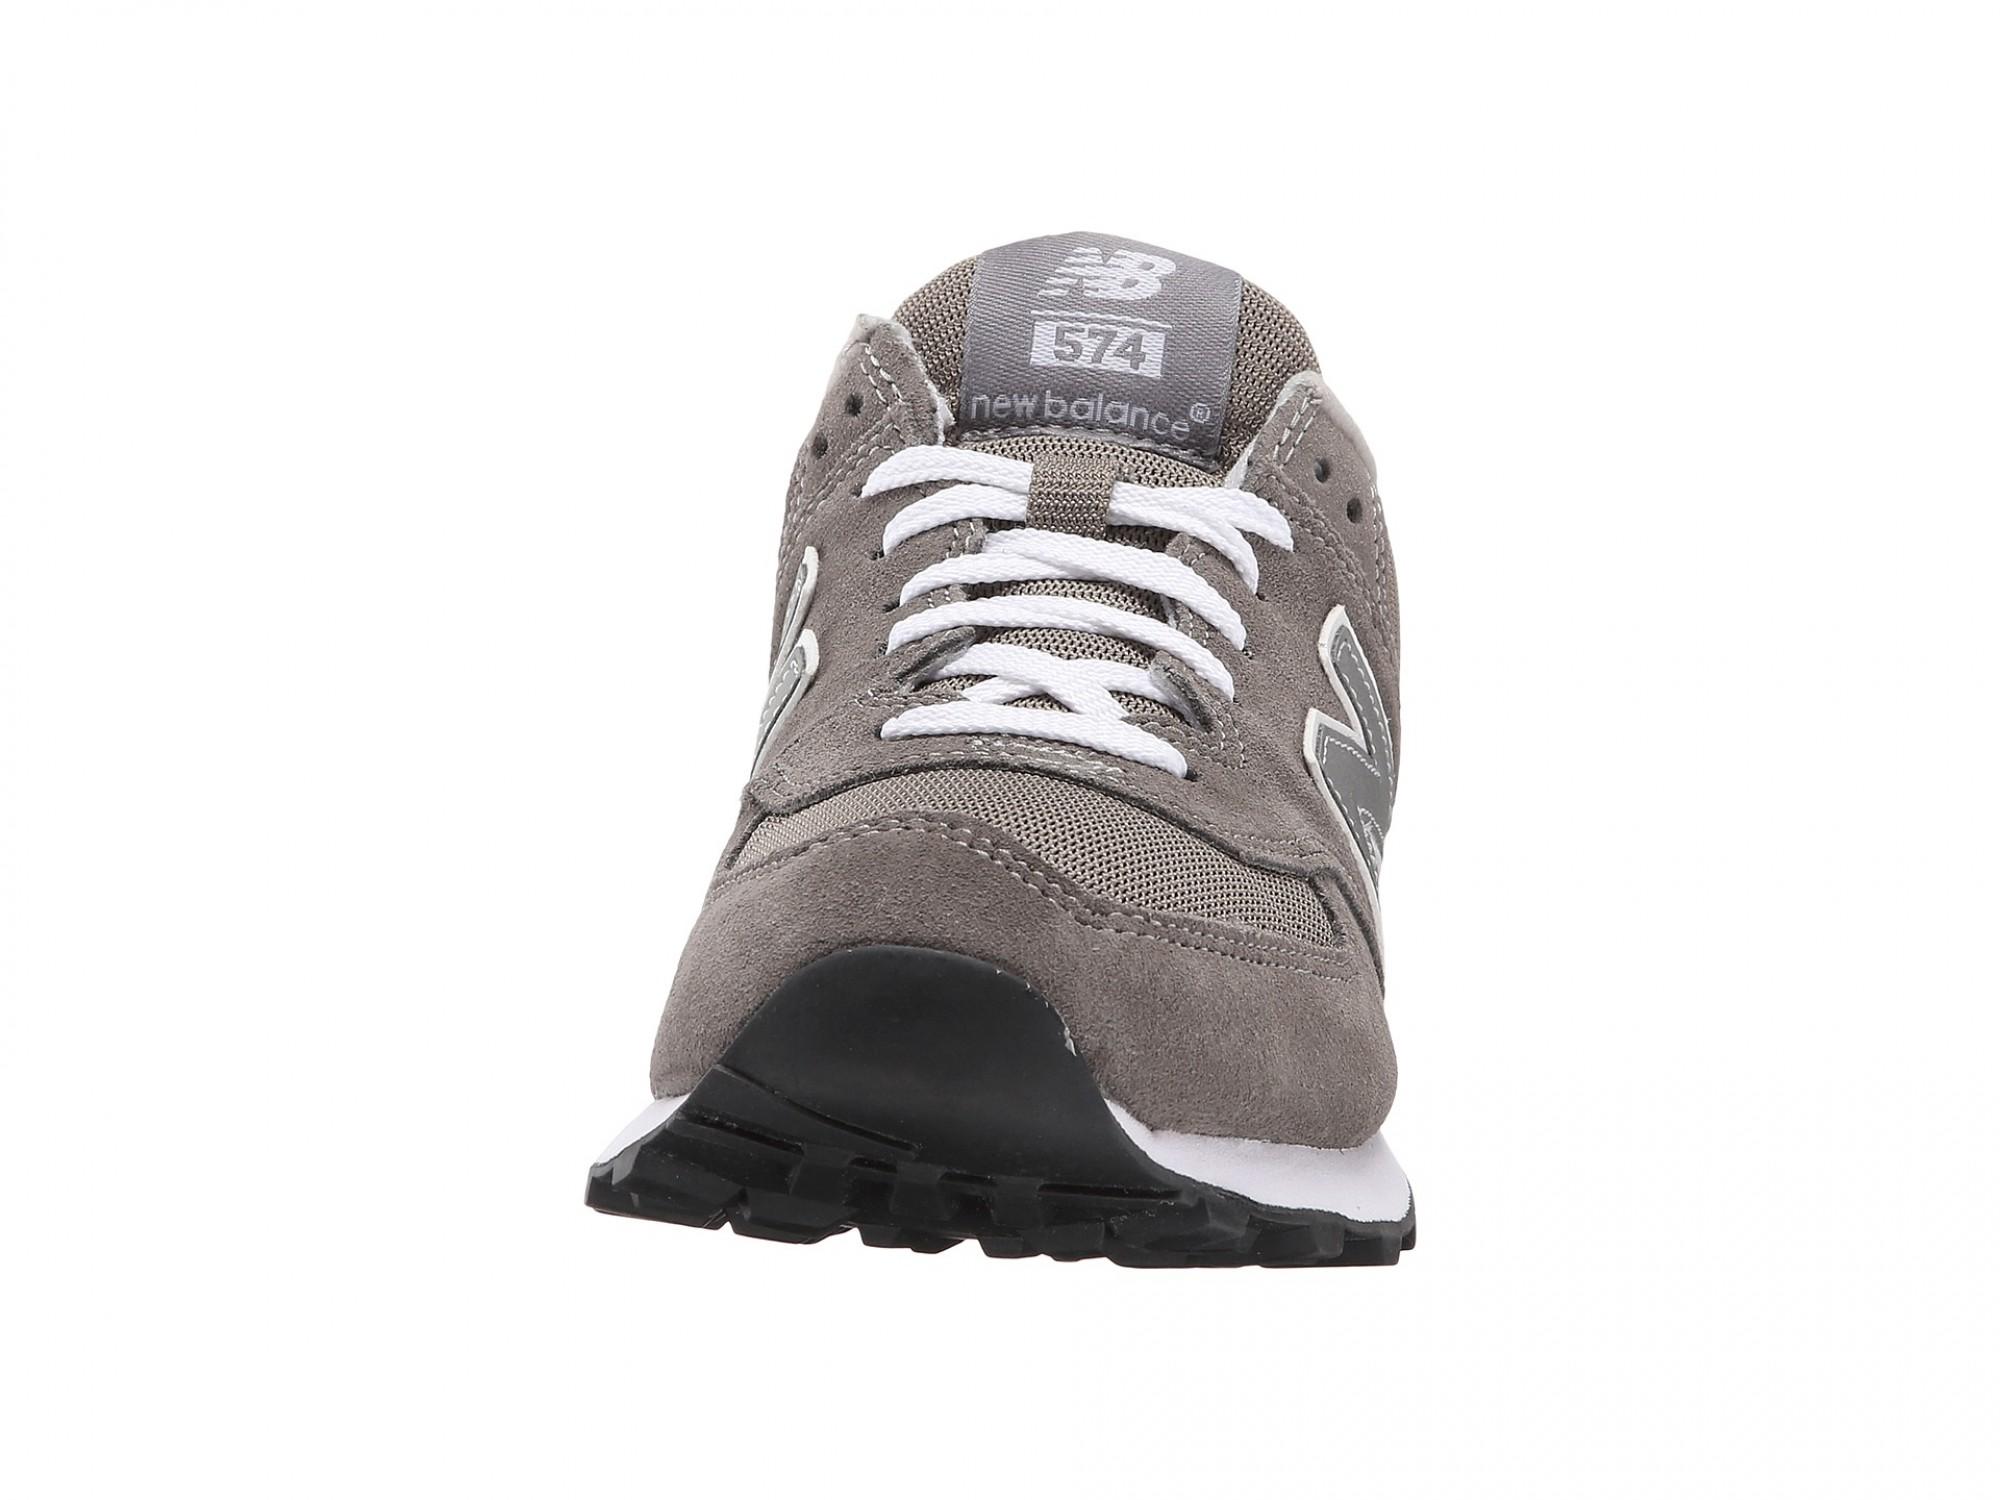 New Balance M574 GS Повседневные кроссовки купить в Украине 19b819a7645fd